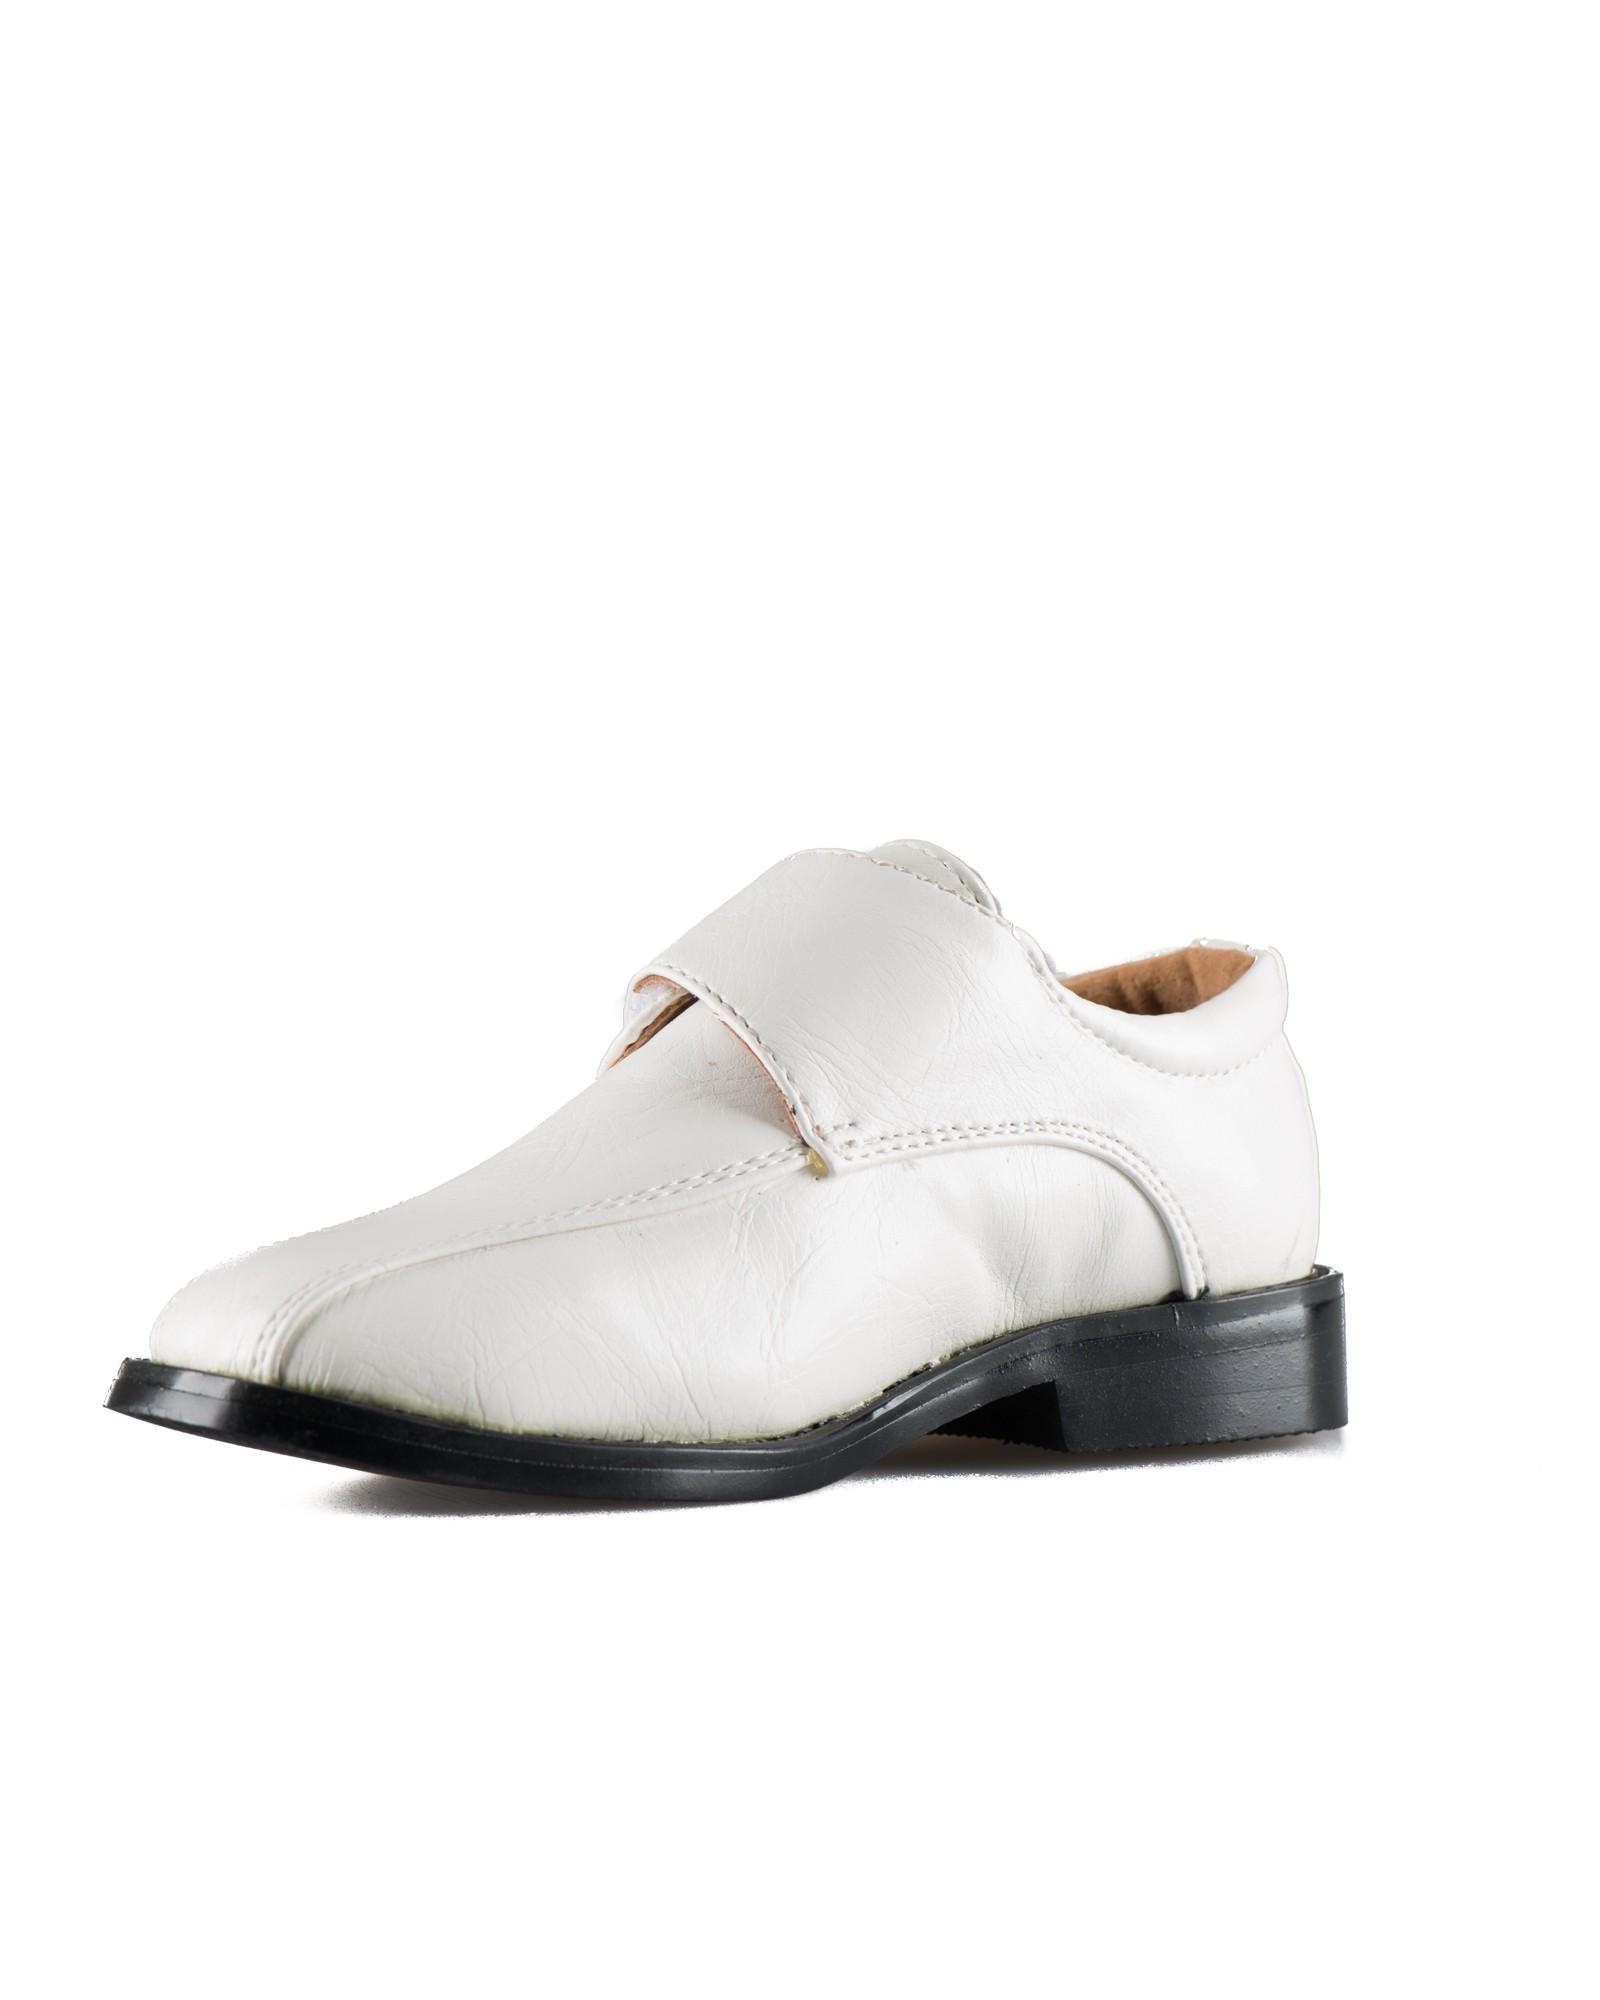 bruidsjonker schoenen met klittenband